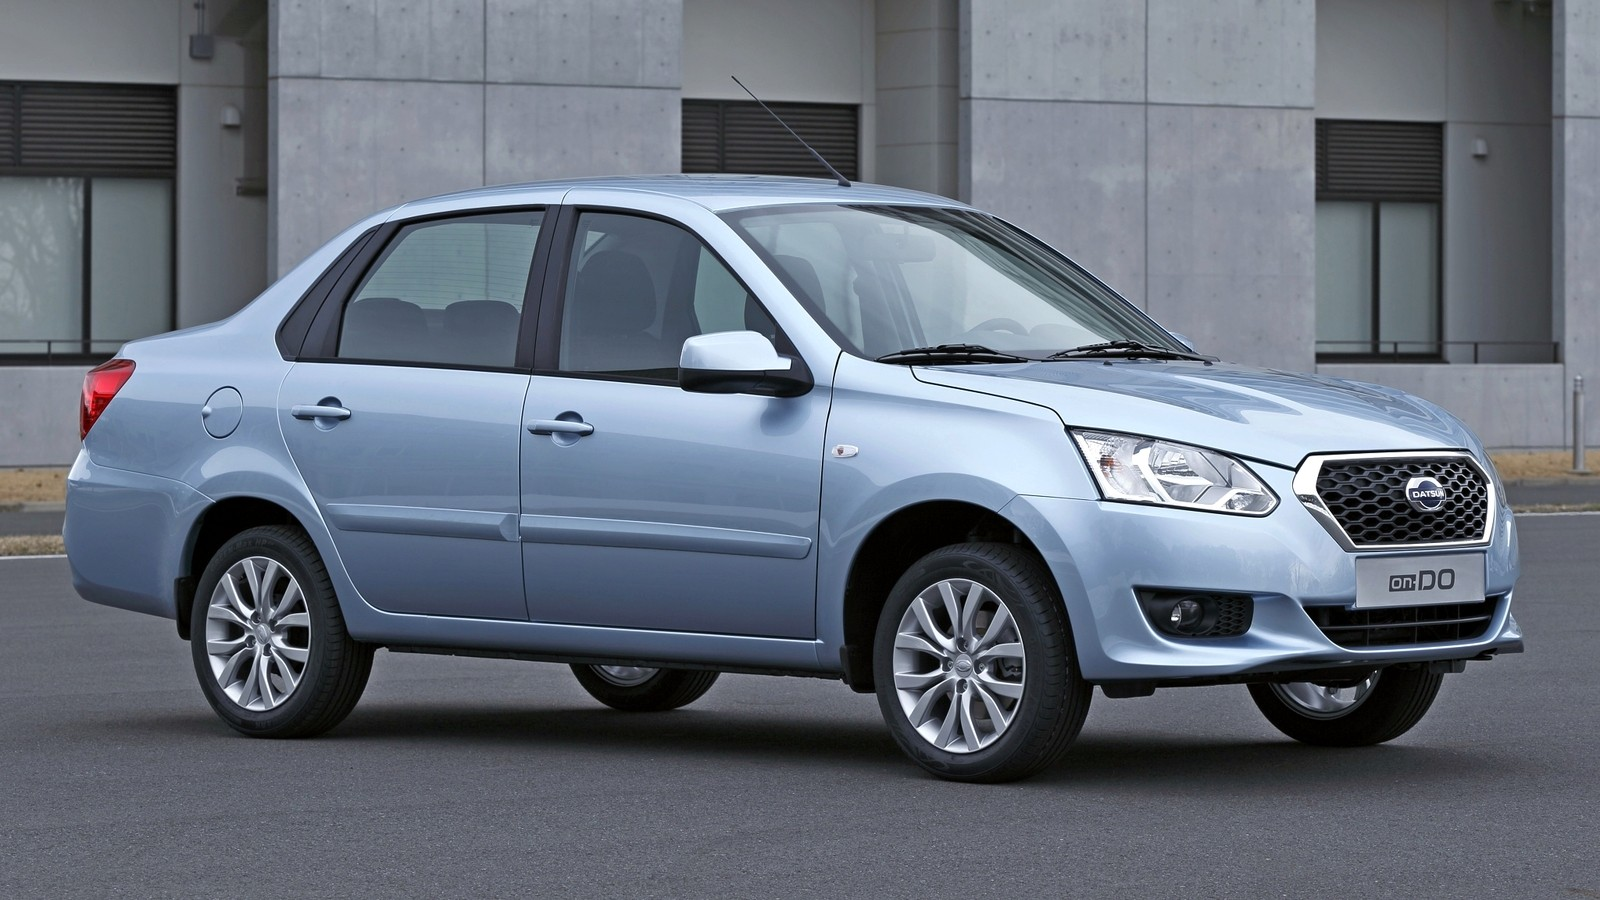 Две марки, одна «болезнь»: Datsun вслед за Ладой отзывает машины с проблемными тормозами